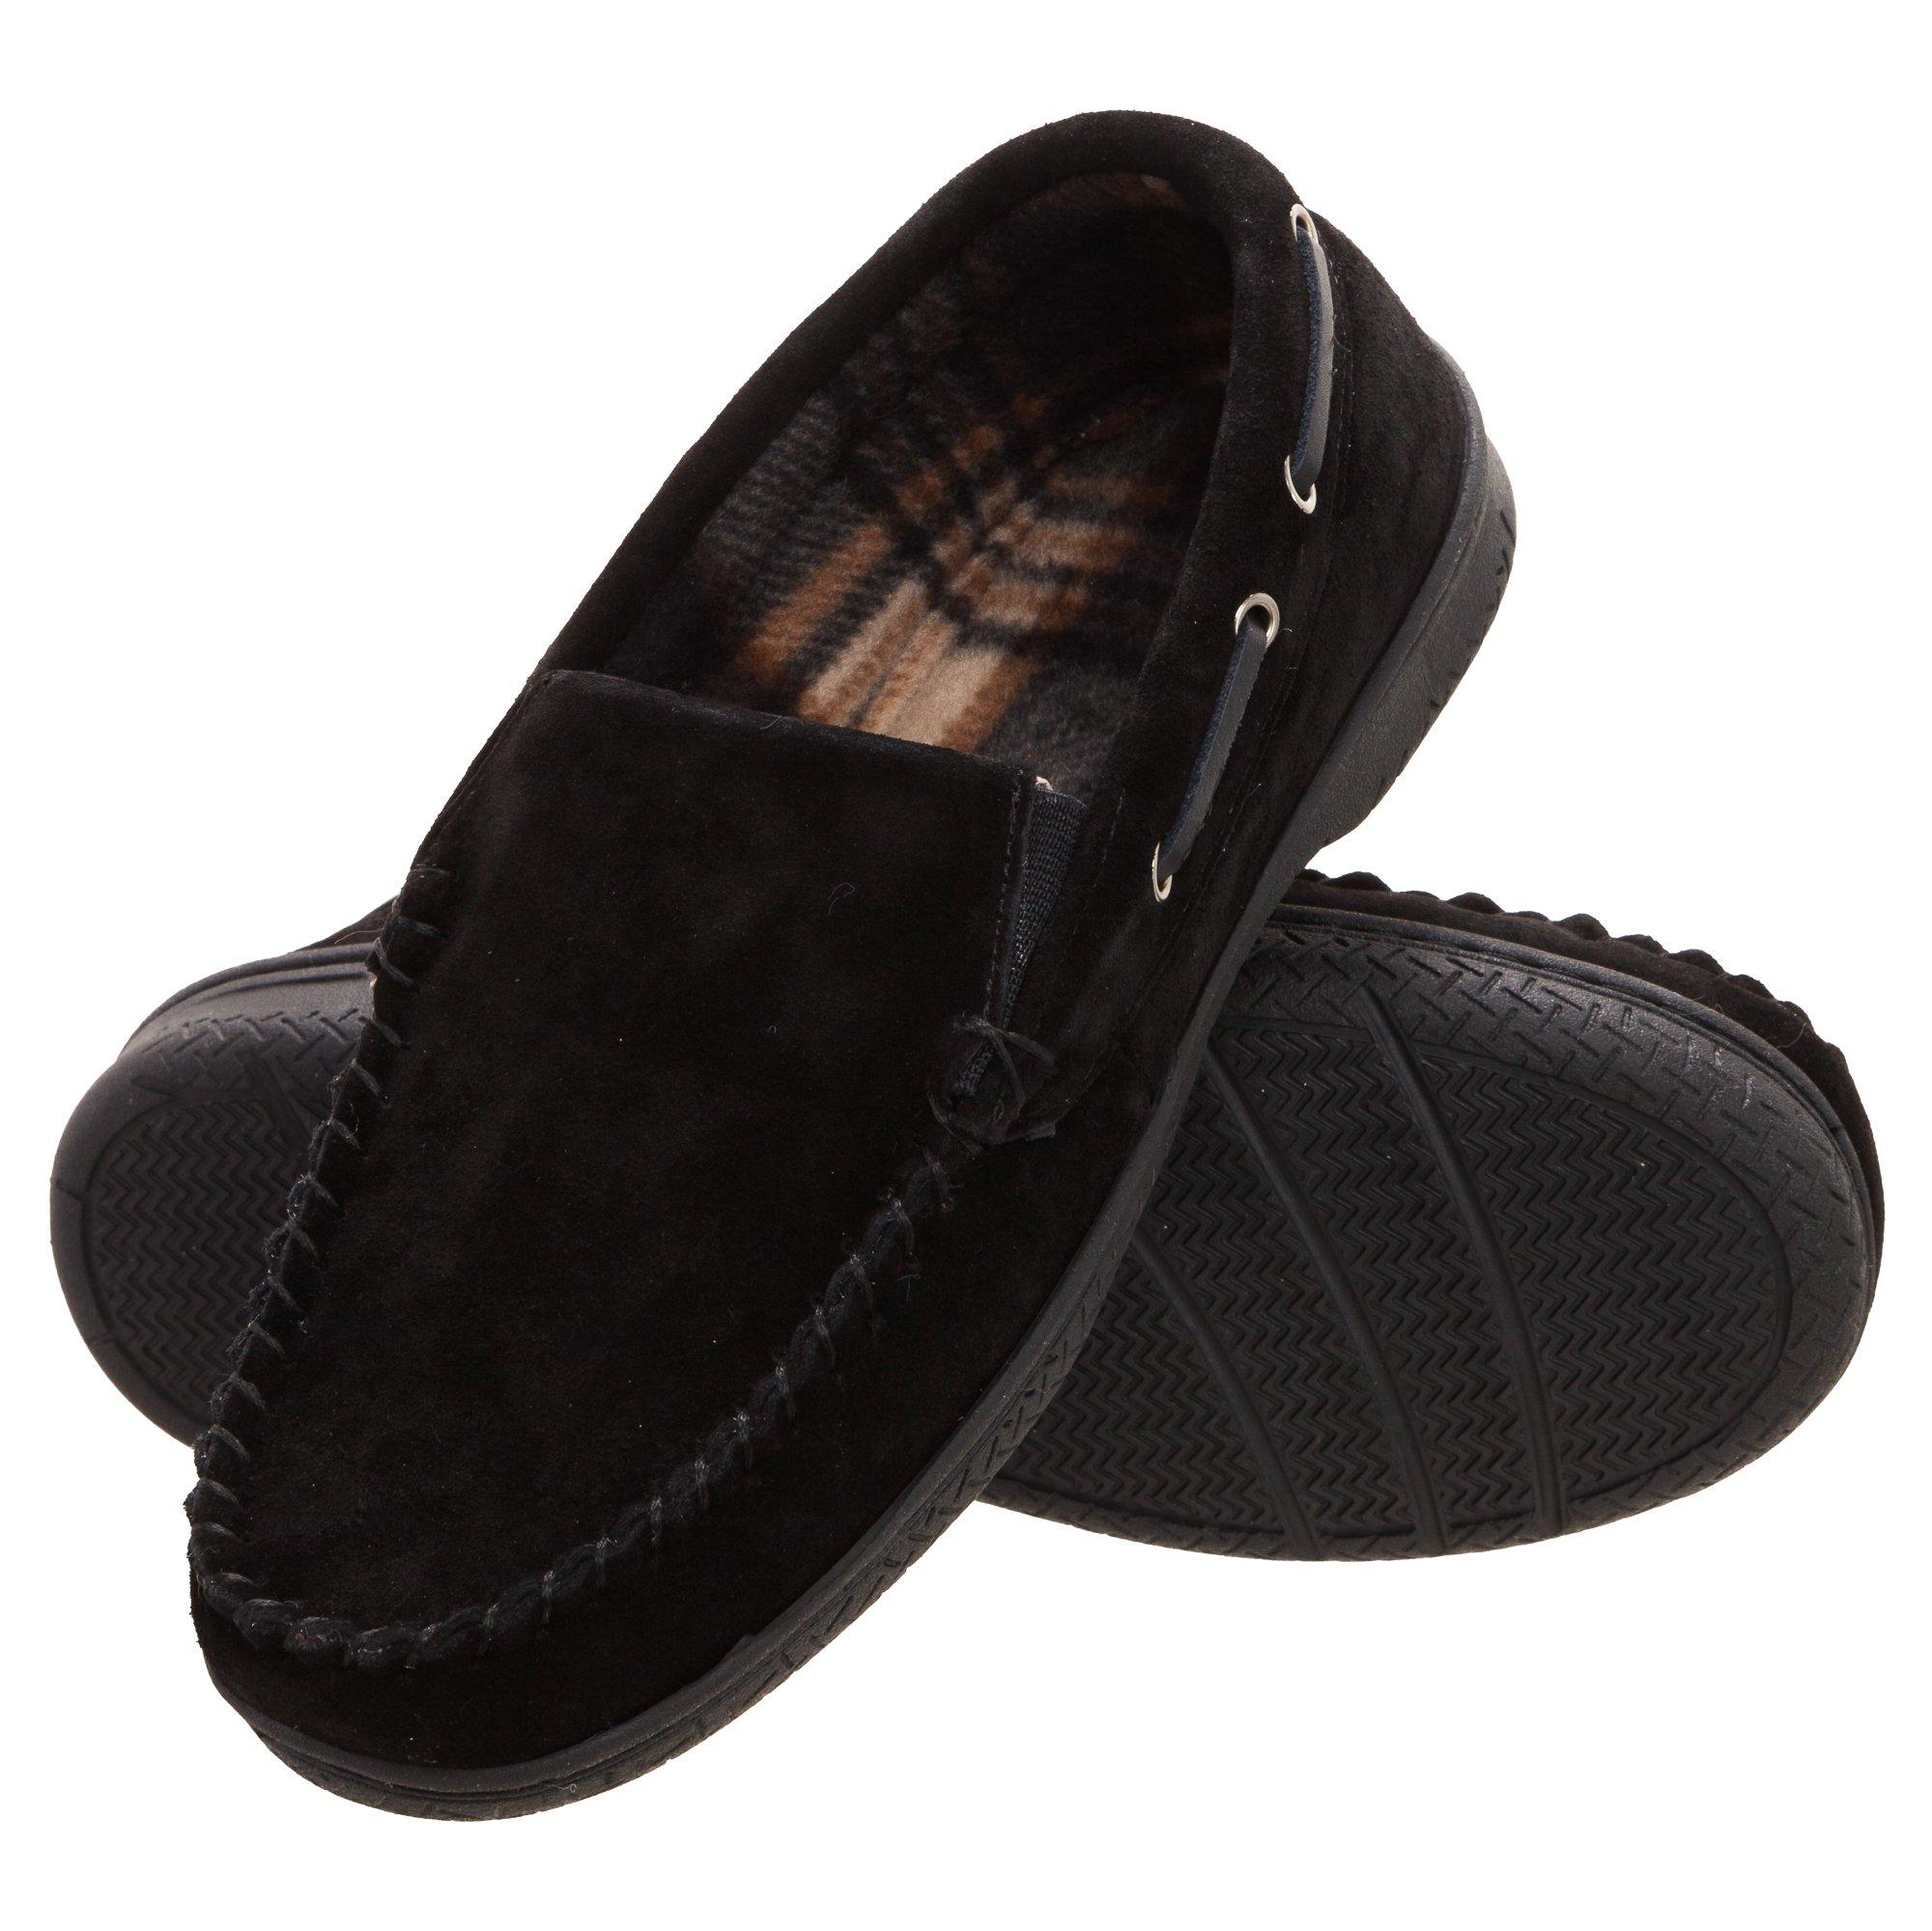 Heat Edge Mens Memory Foam Suede Slip on Indoor/Outdoor Venetian Moccasin Slipper Shoe (11, Black)